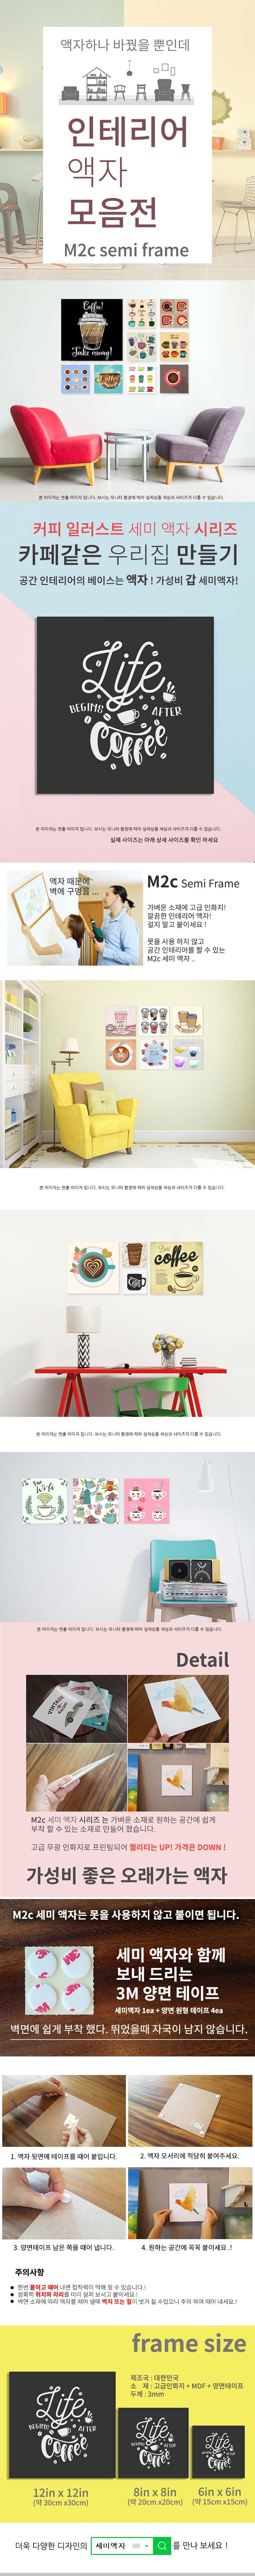 csemi-032 못없이붙이는액자 커피액자 세미액자 시리즈 12x12in - 바운스프레임, 10,000원, 액자, 벽걸이액자